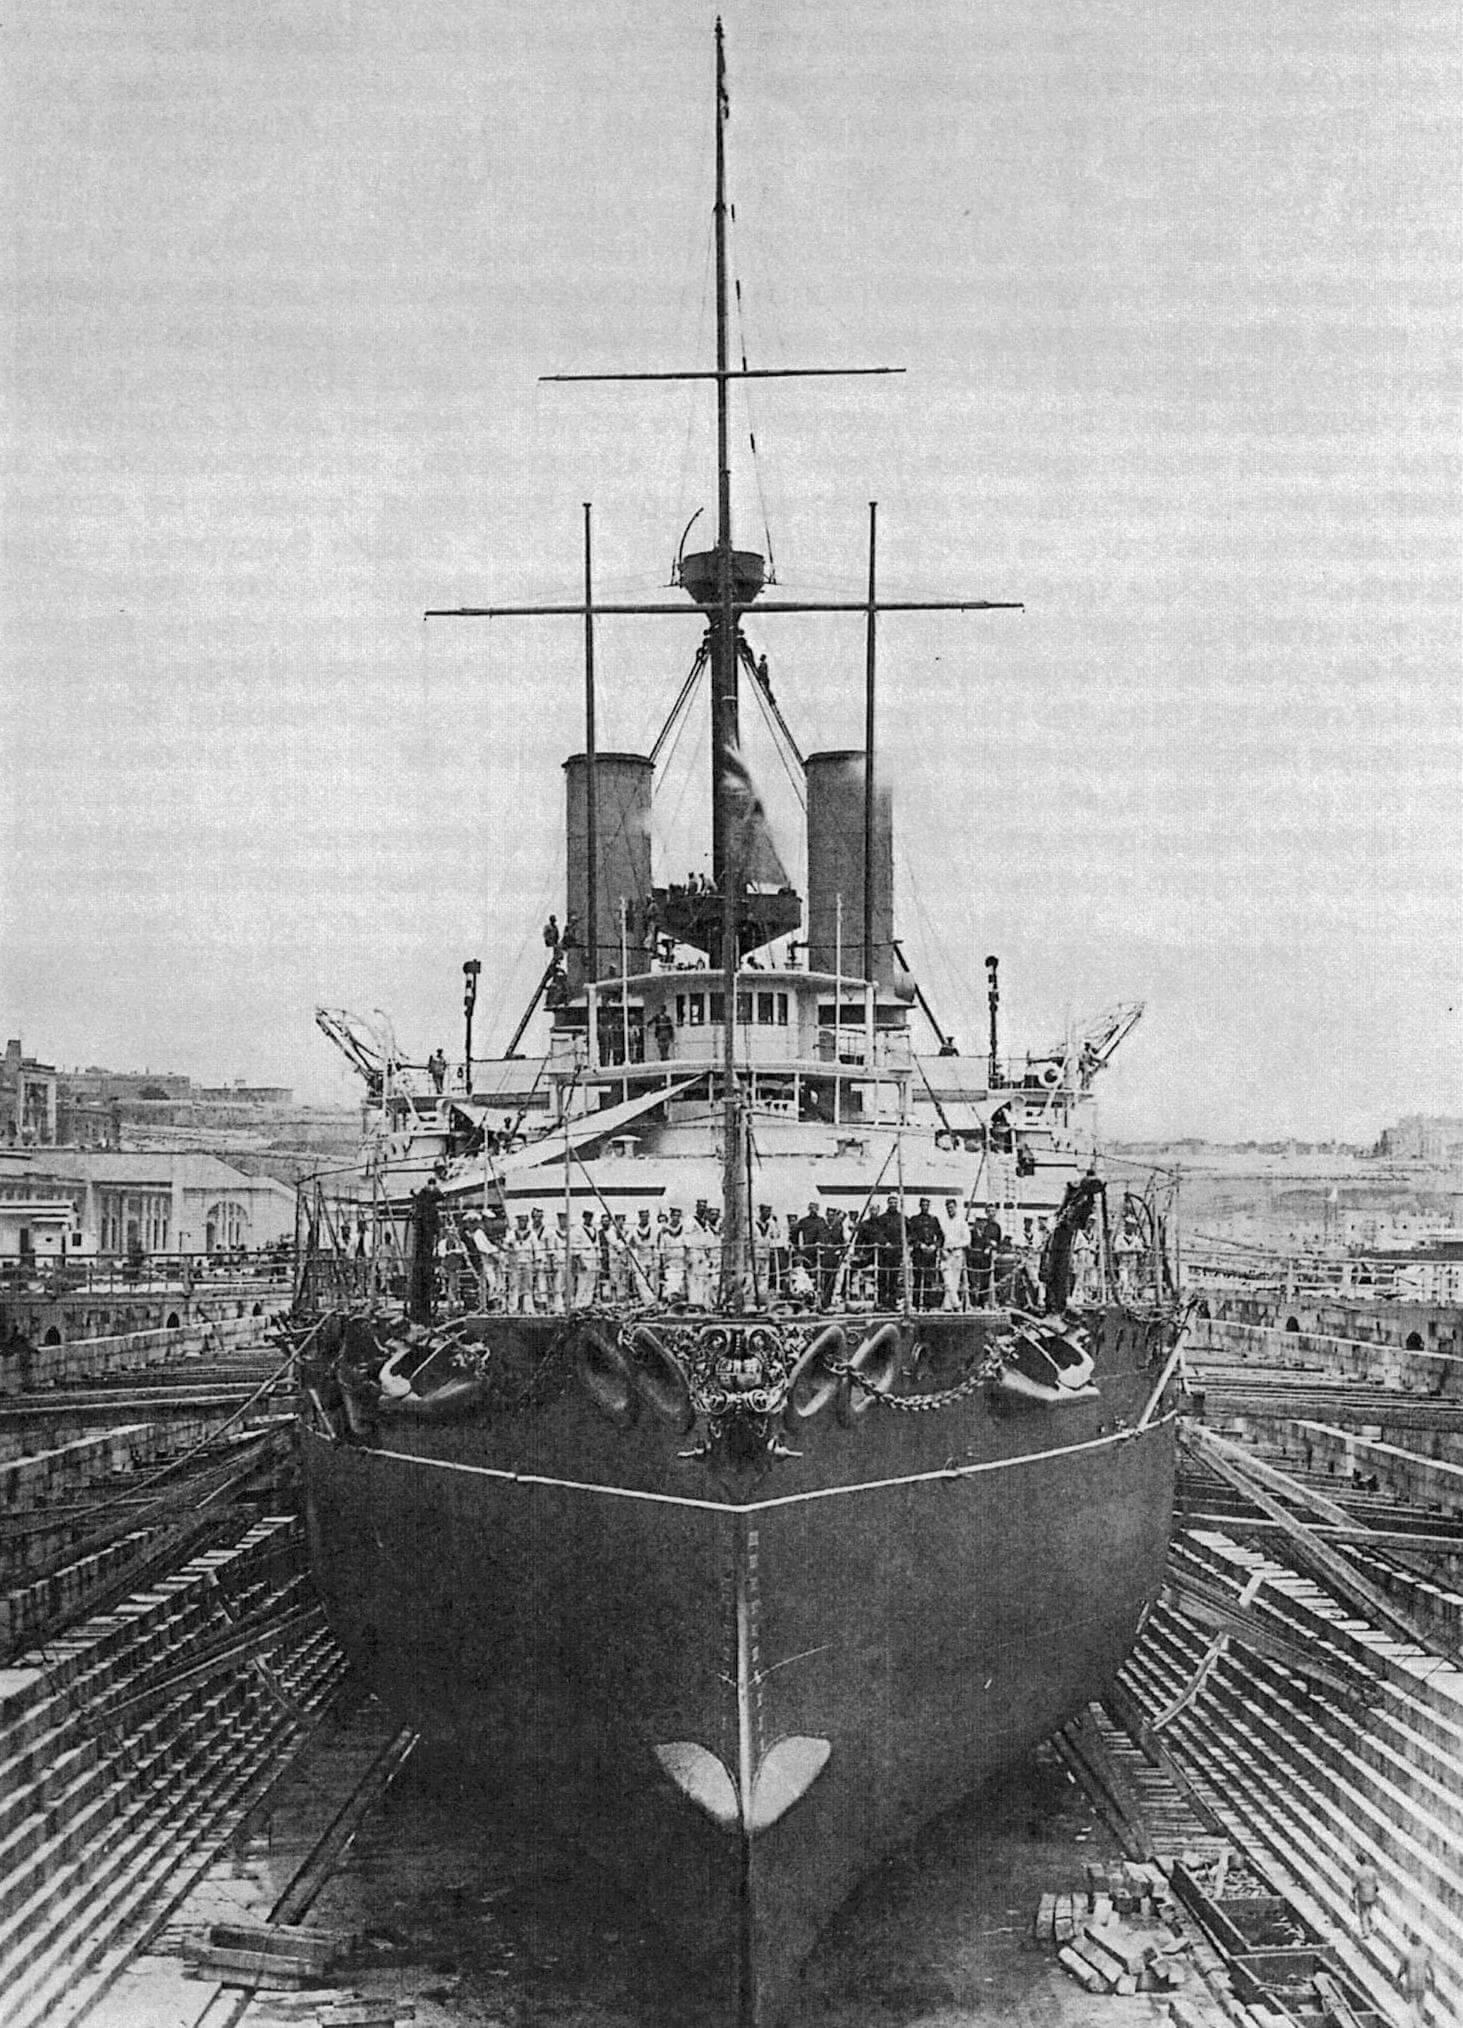 Броненосец «Виктория» незадолго до вывода из дока после завершения ремонта в мае 1892 года